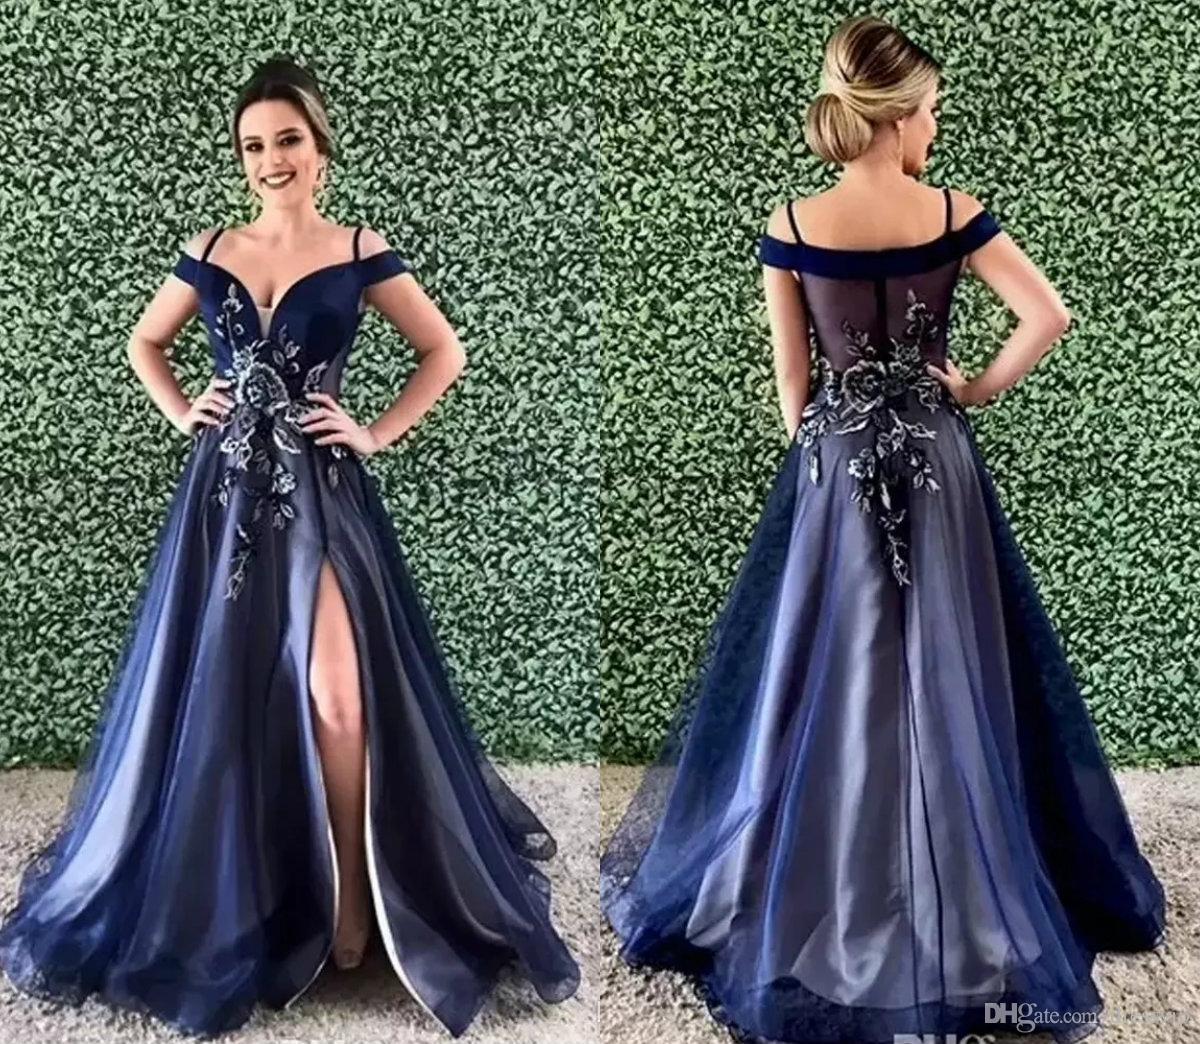 ee400e50a Compre Sexy Azul Marino Bordado Lado Dividir Vestidos De Fiesta Fuera Del  Hombro Falda Drapeada Vestido De Fiesta De Tul Ilusión Volver Tren De  Barrido ...